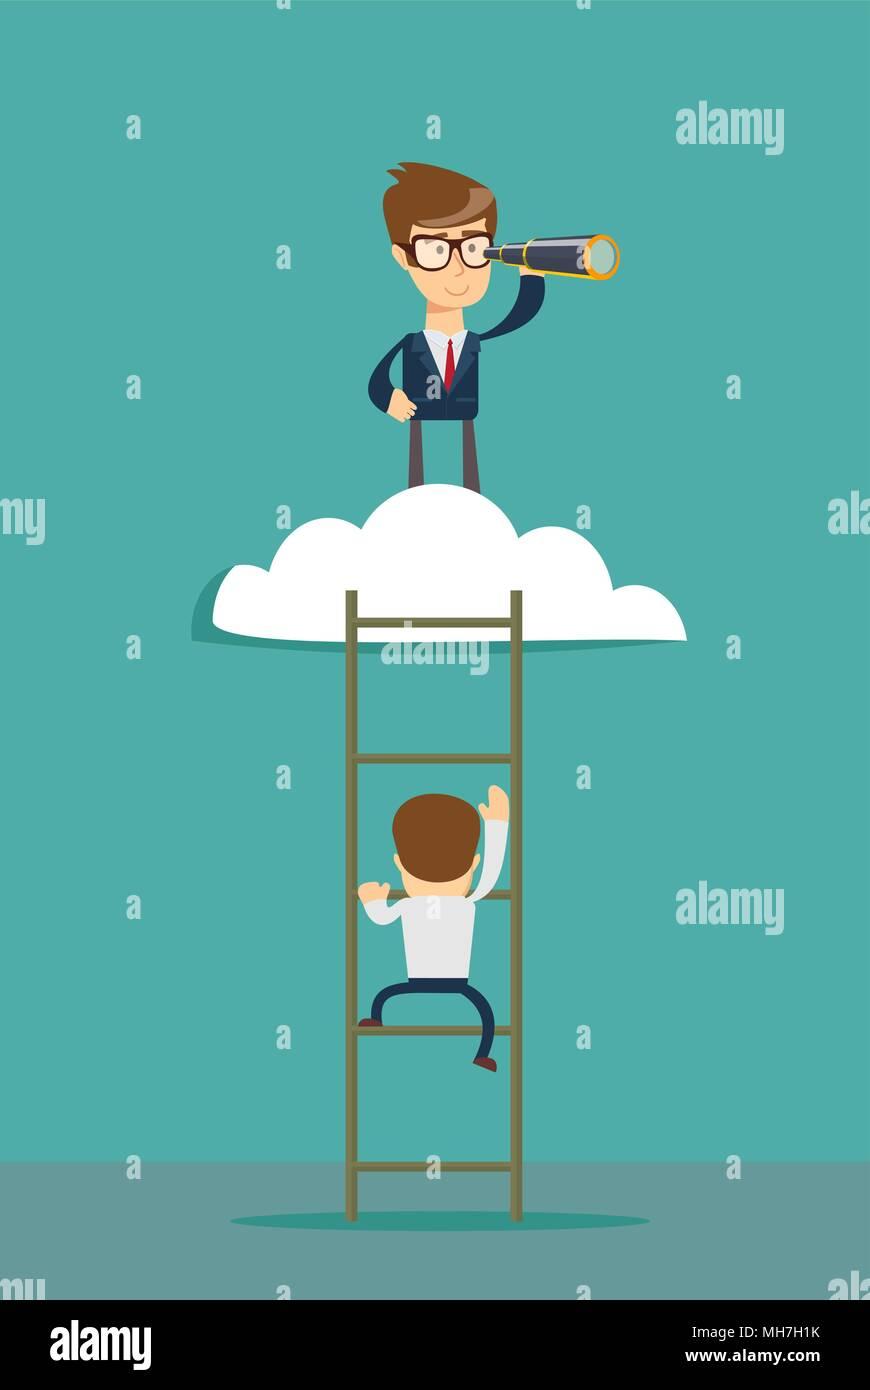 La leadership aziendale concetto vettoriale Immagini Stock